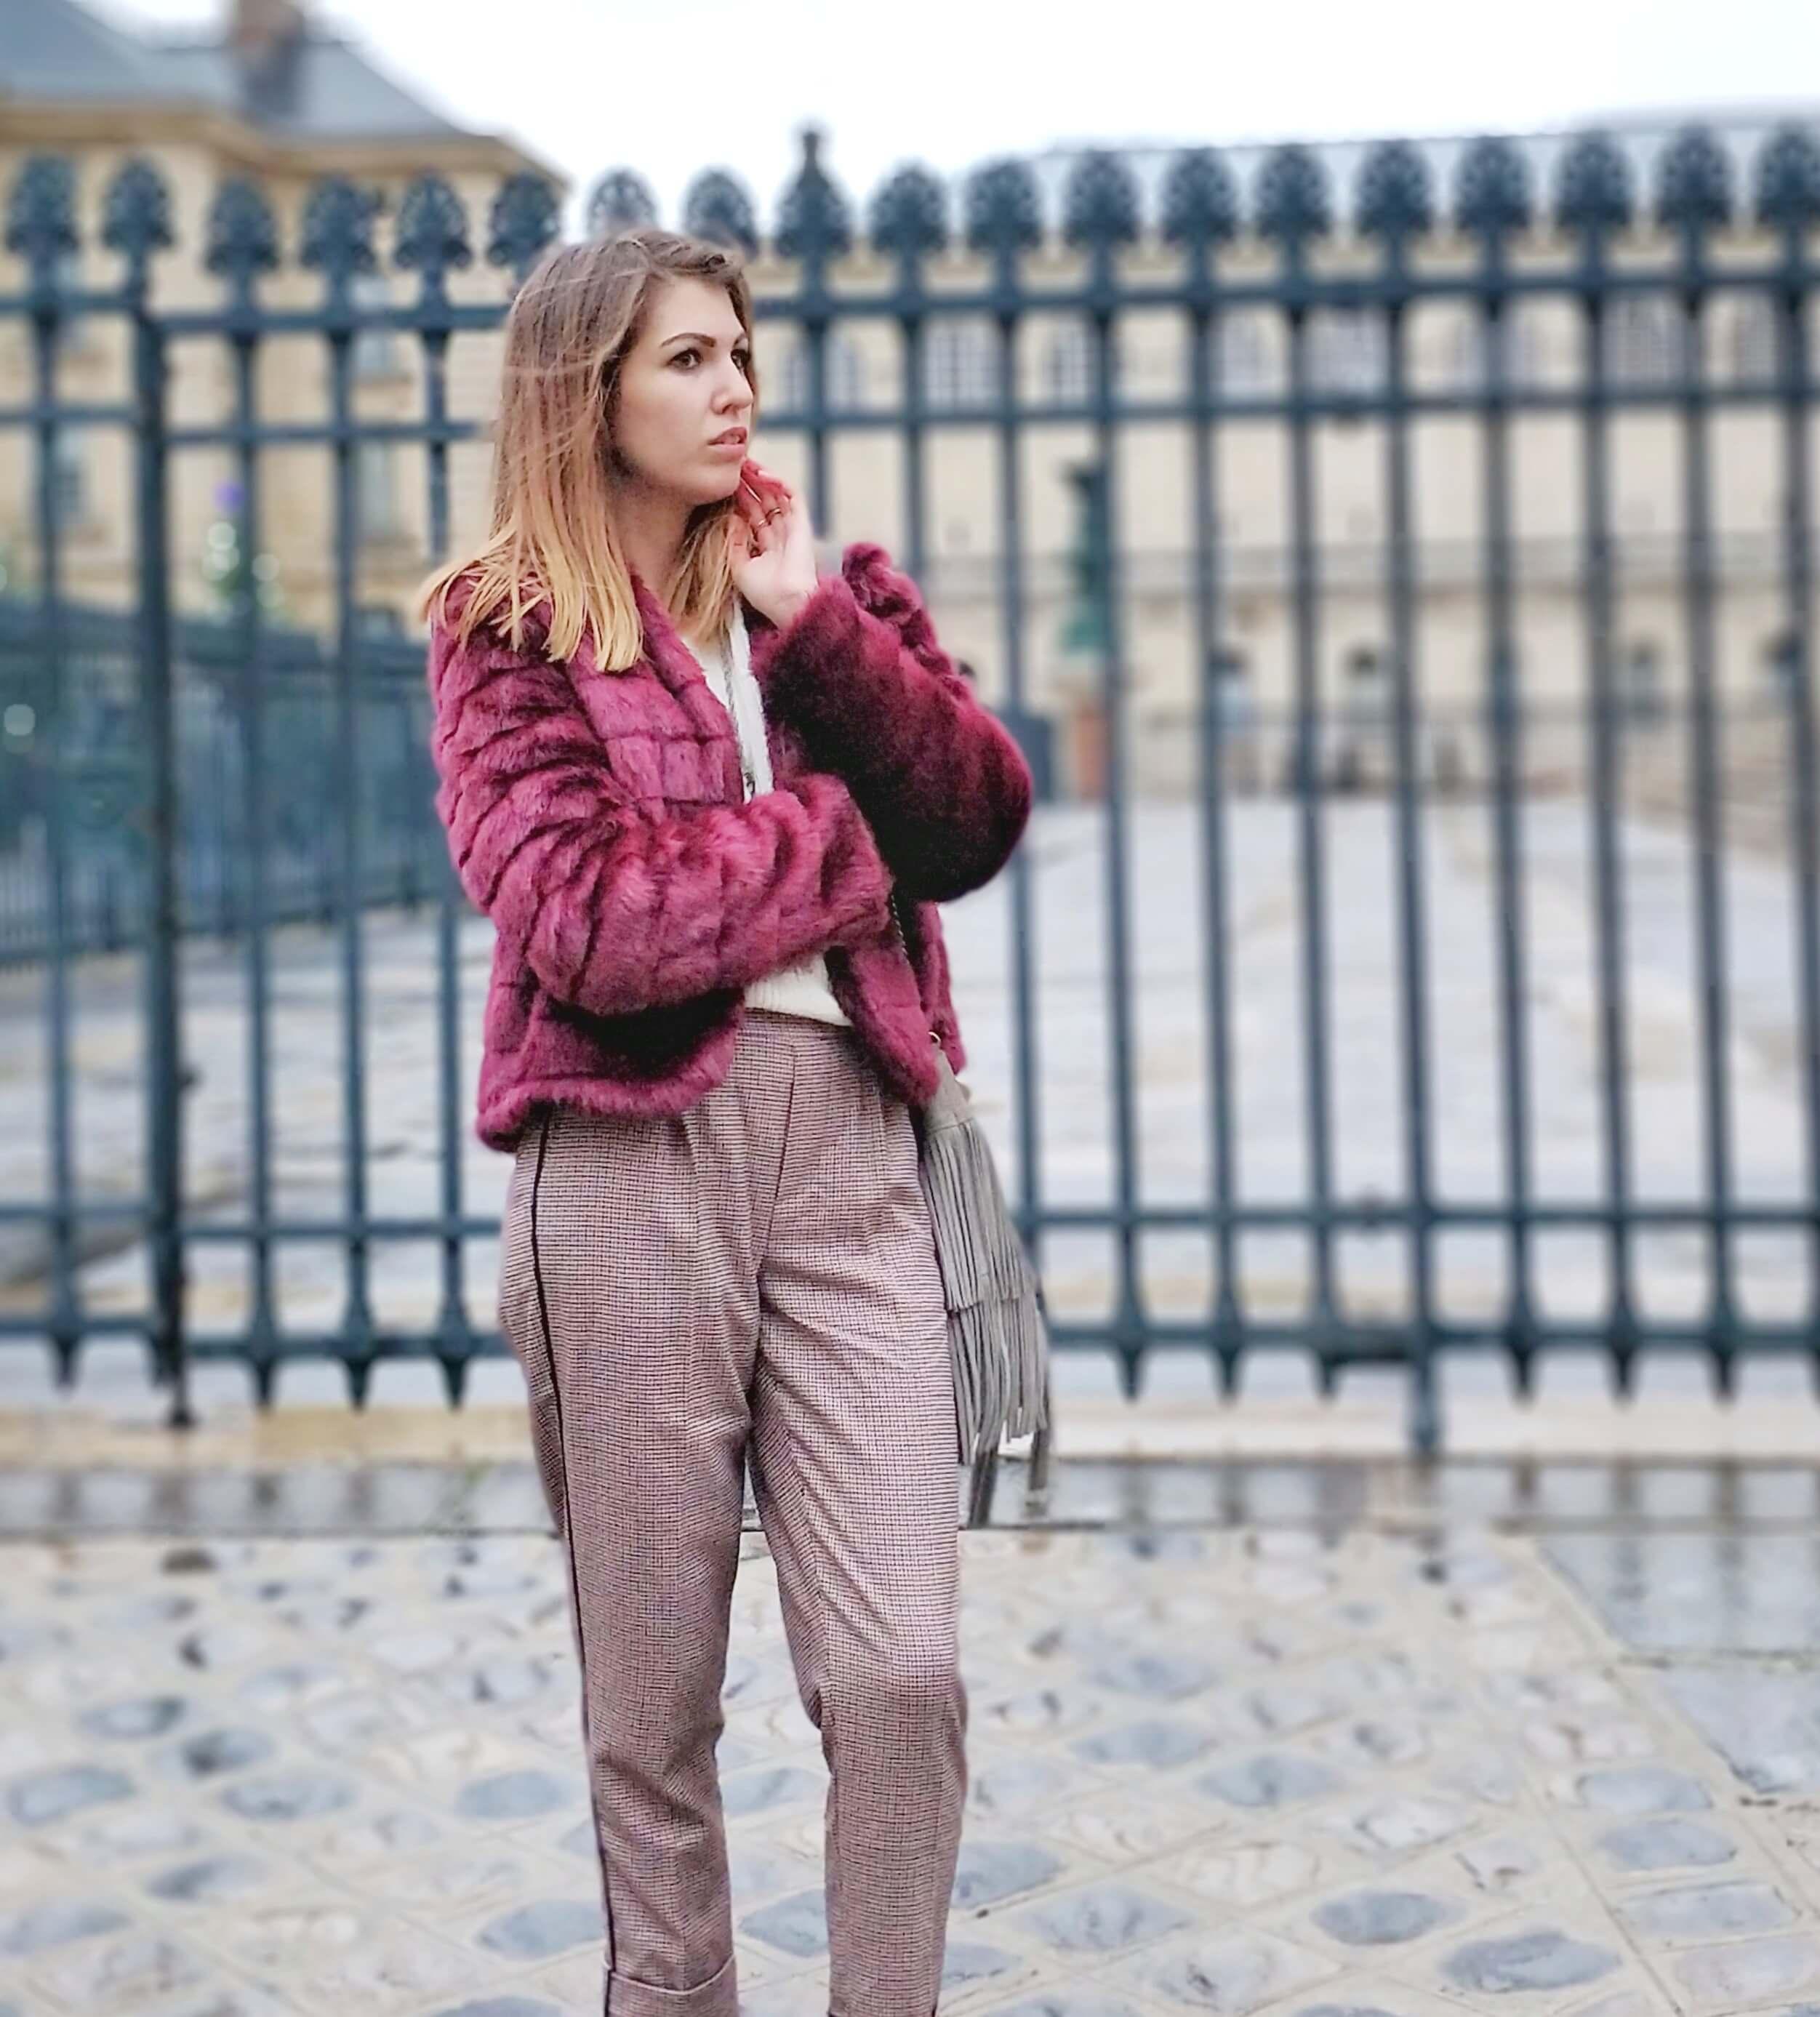 blog mode paris veste fourrure - L'hiver en fausse fourrure